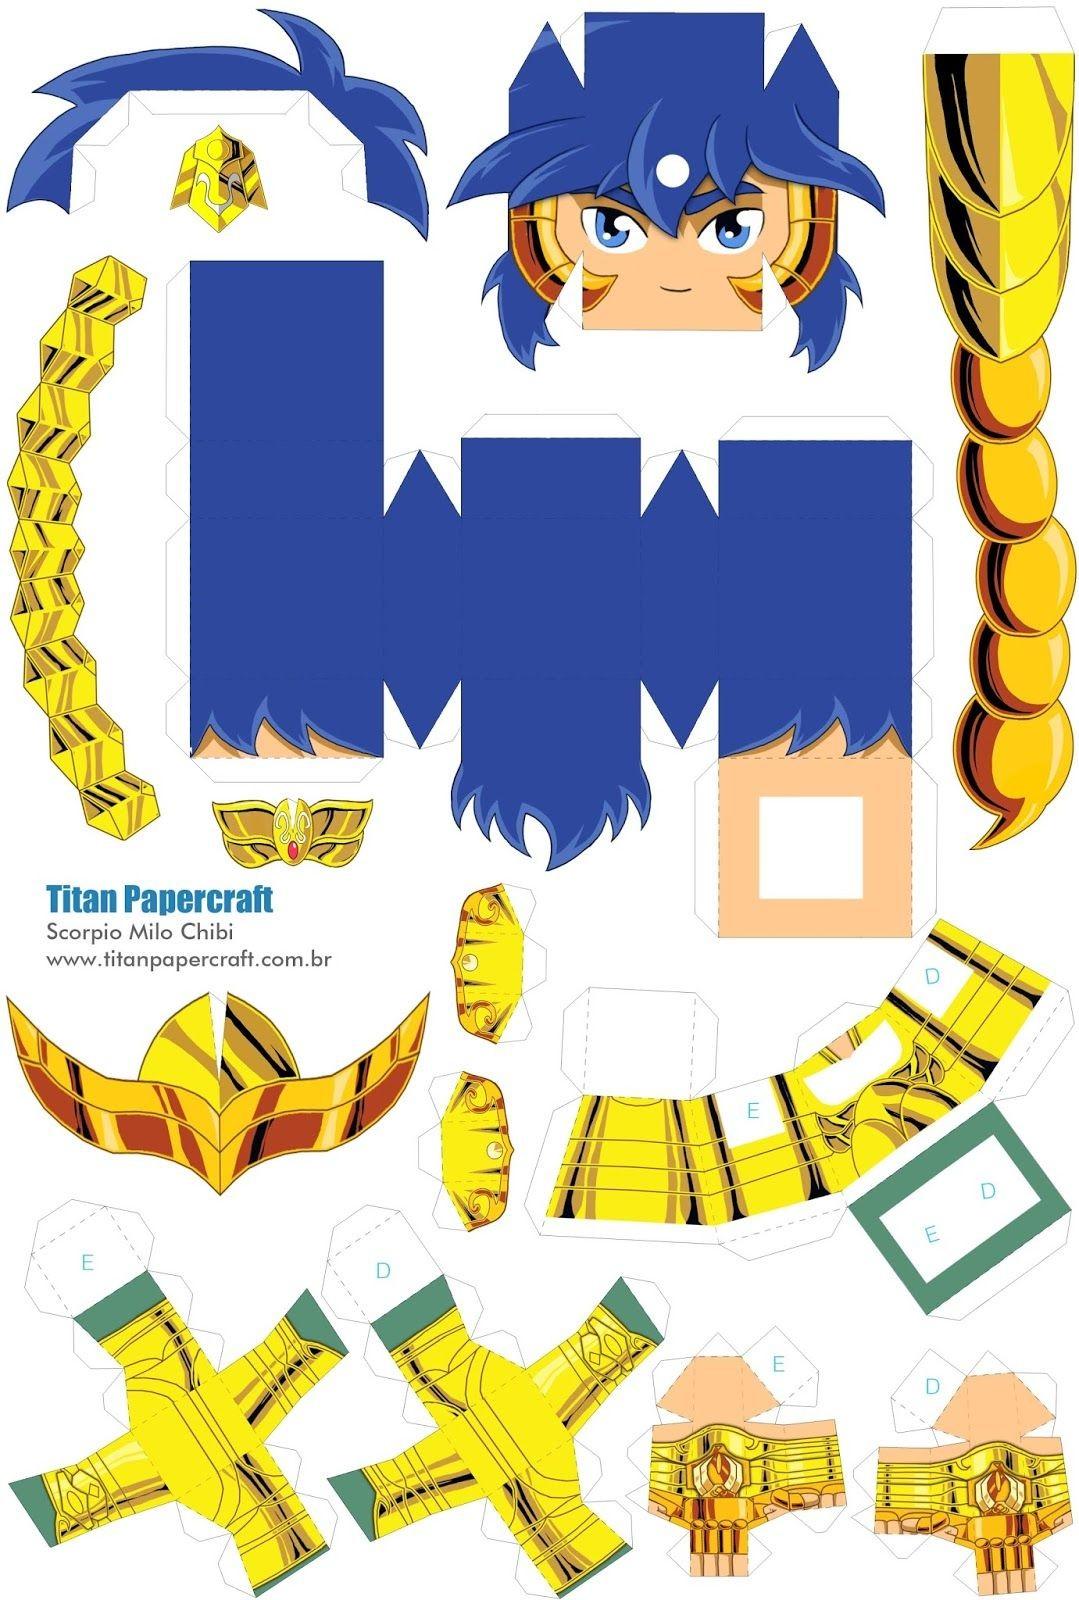 Luigi Papercraft Monte E Colecione Papercraft De Seus Personagens Preferidos